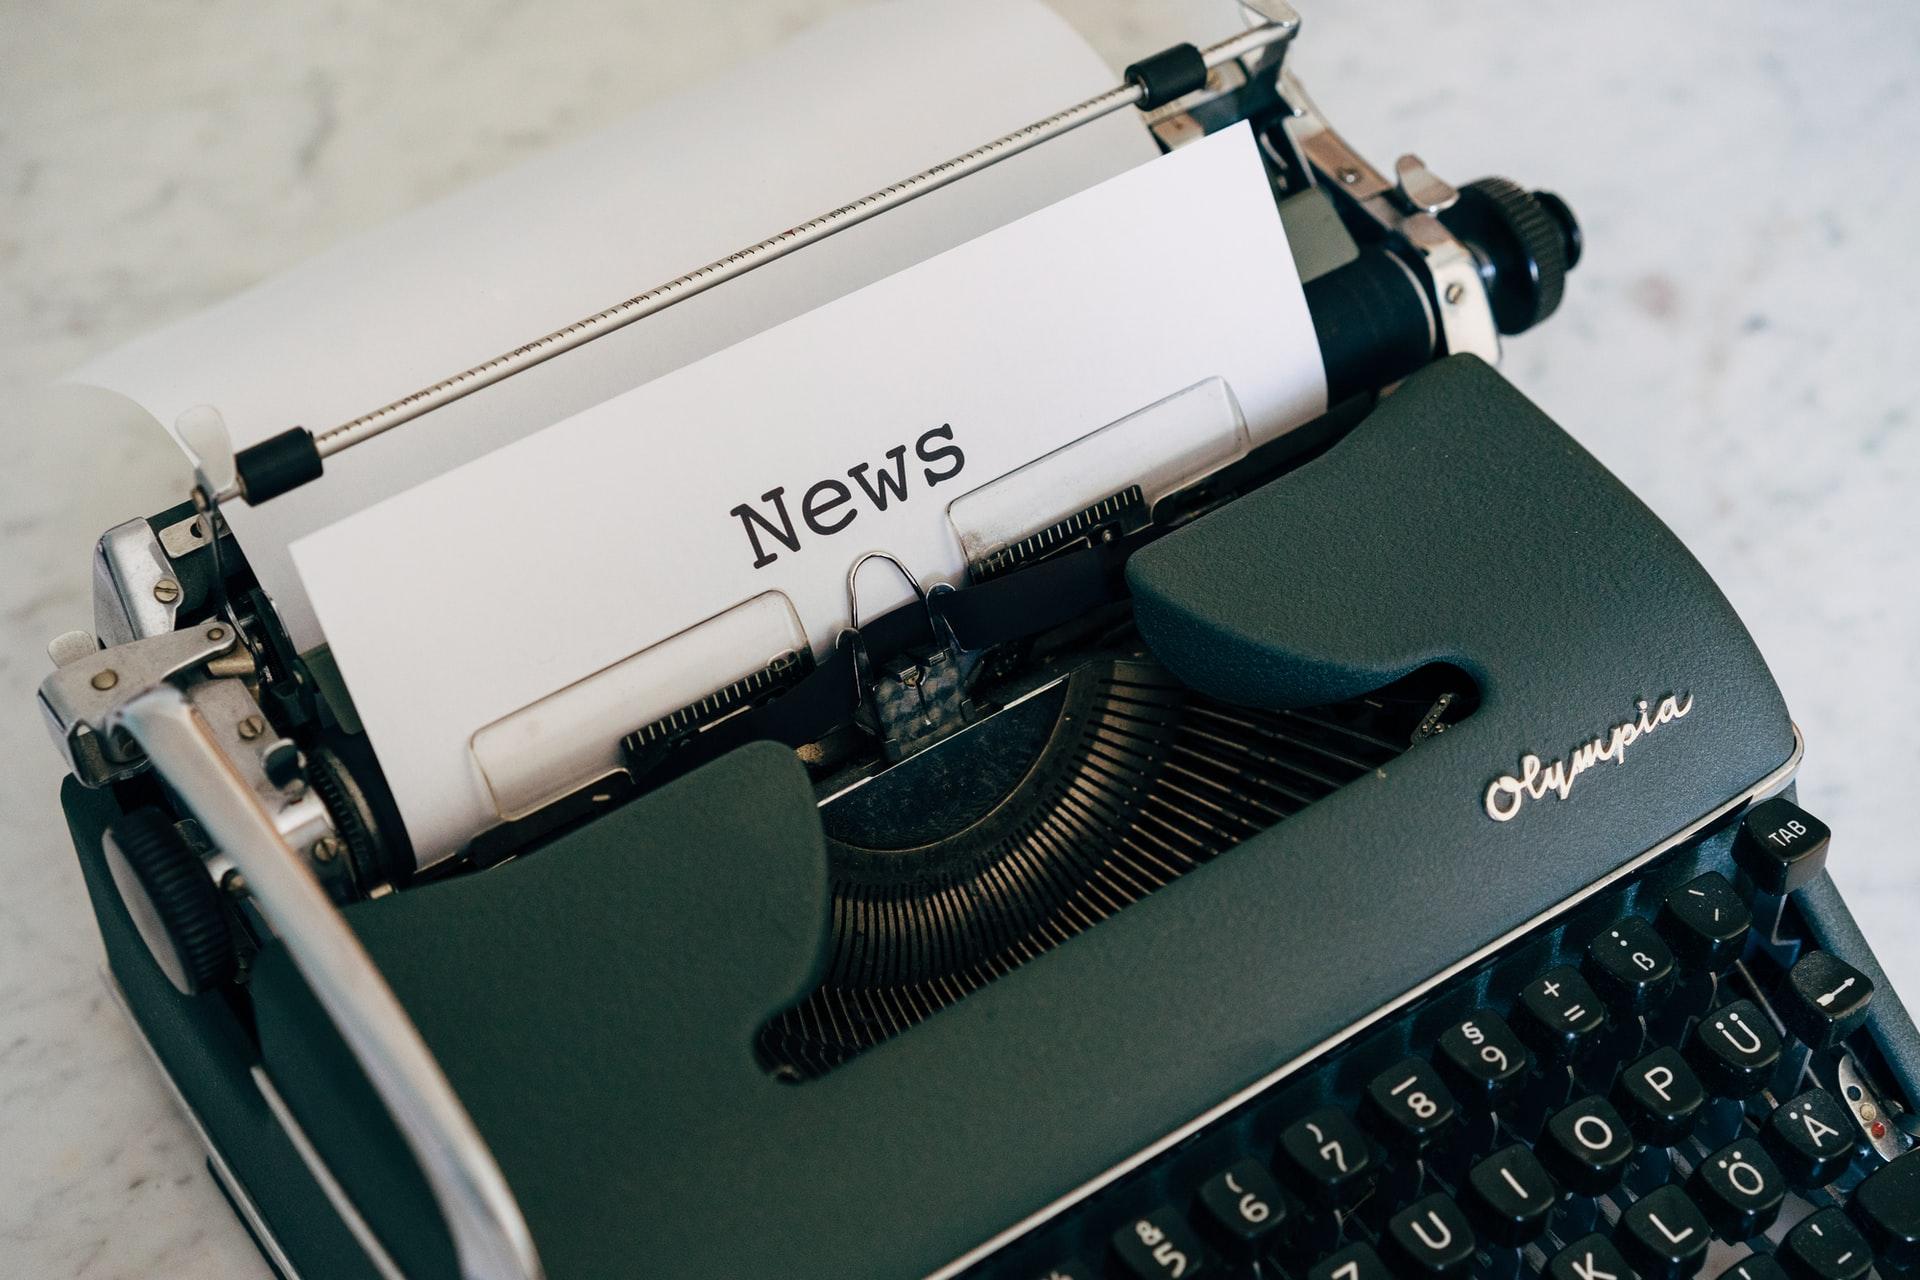 Lancér dine produkter med en pressemeddelelse